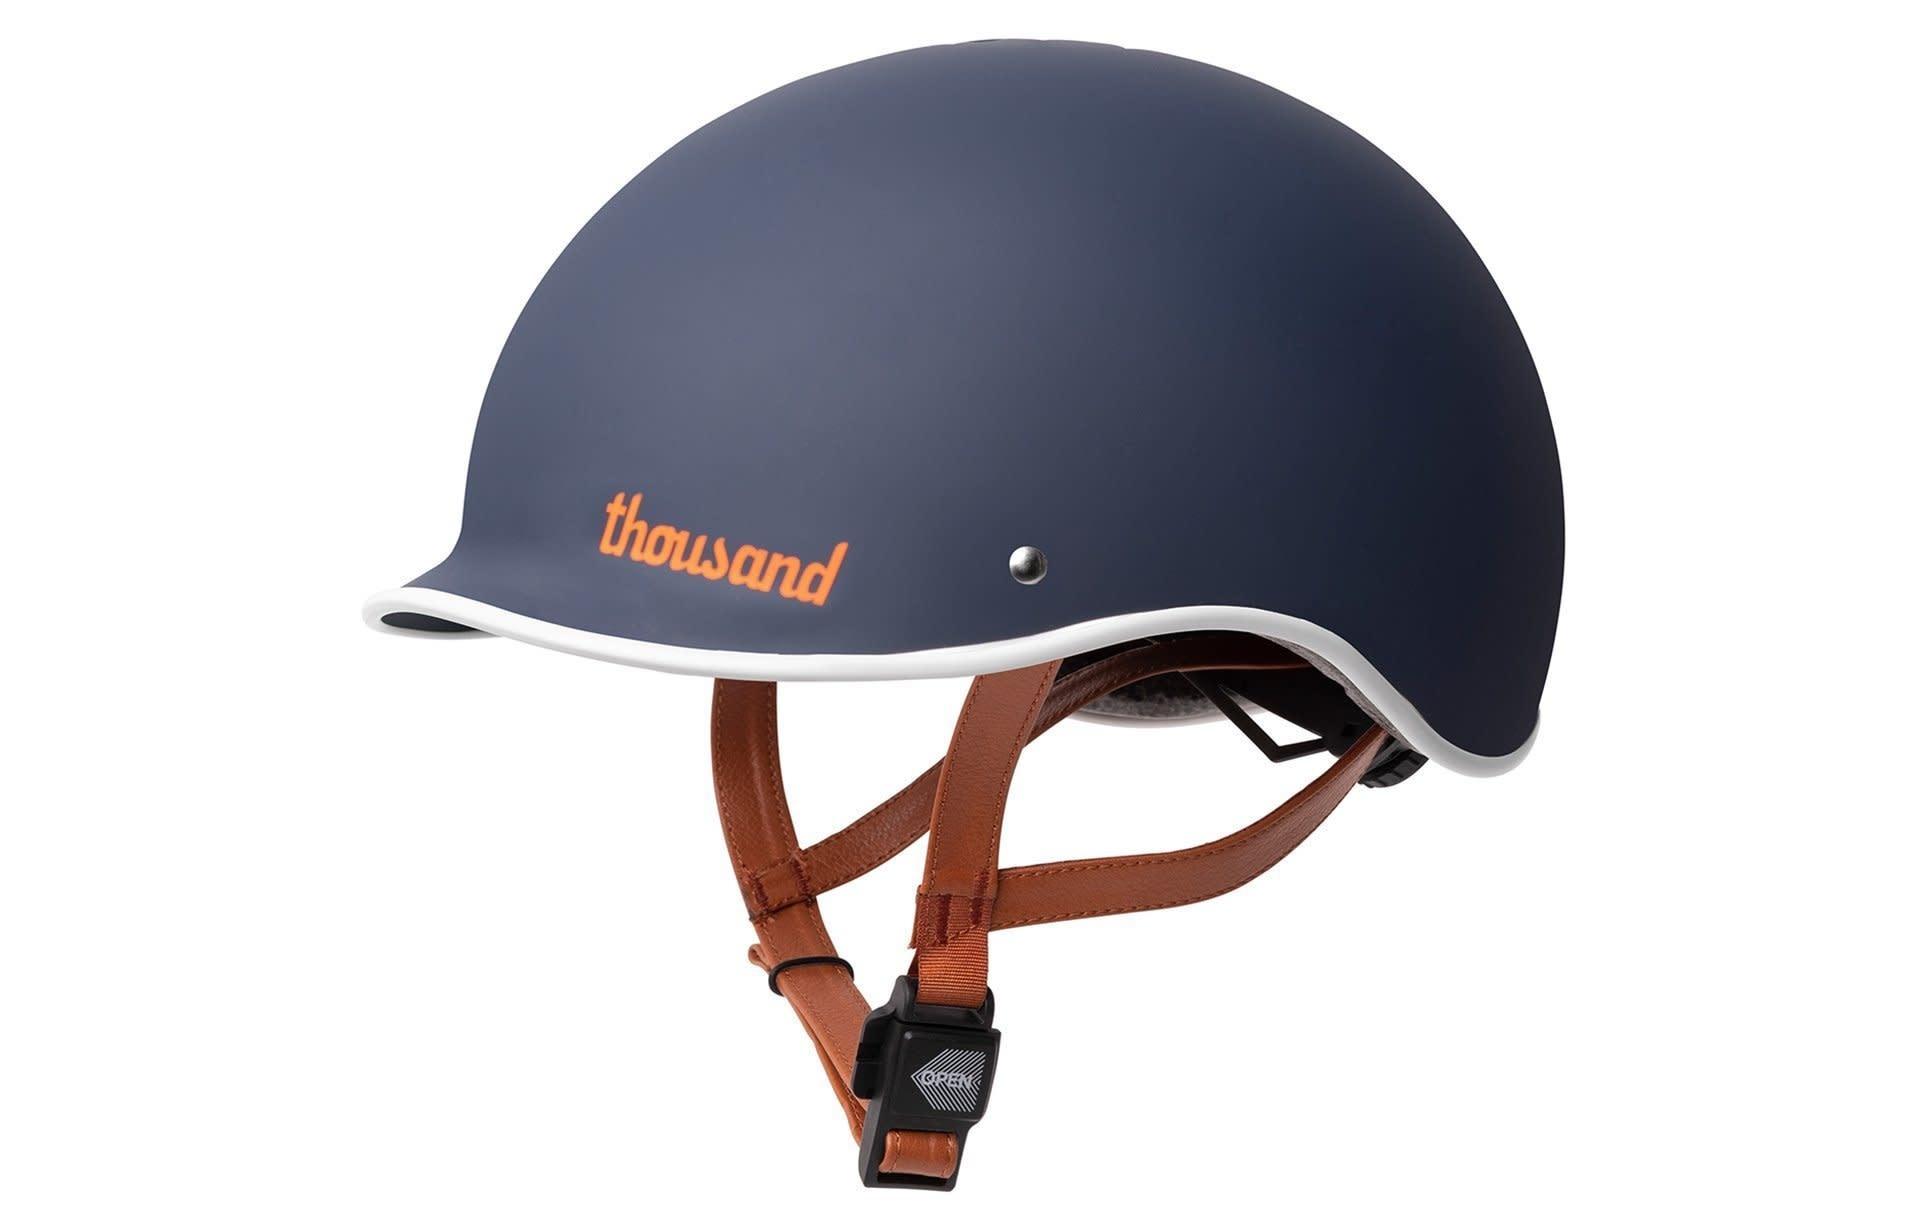 Thousand Helmet - Thousand Navy